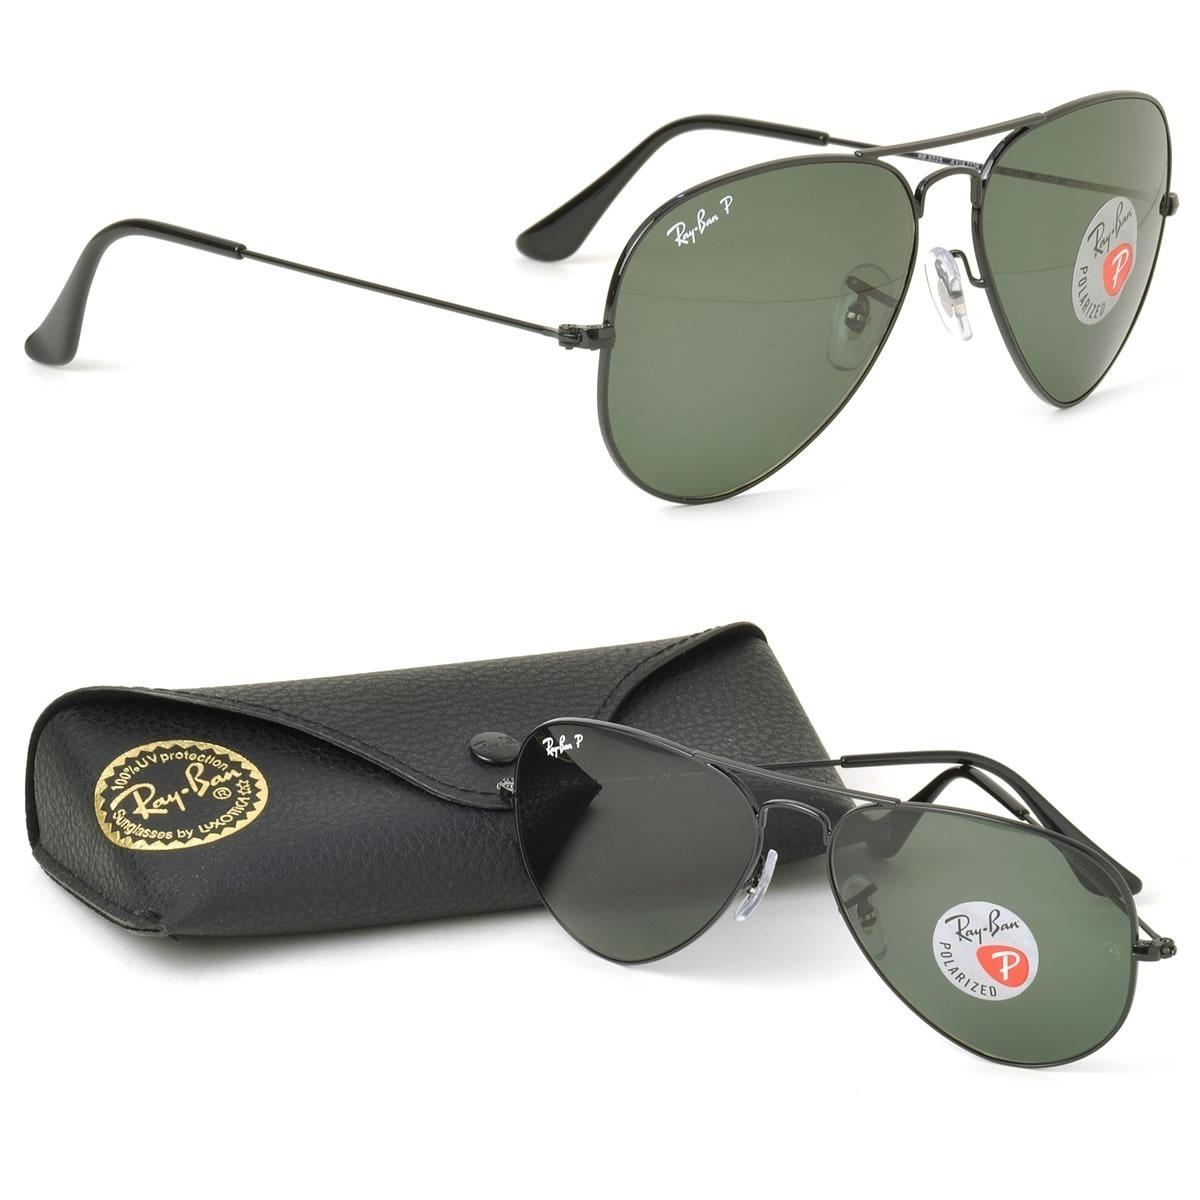 7c031c2d5 óculos sol ray ban rb3026 aviador masculino -feminino+brinde. Carregando  zoom.